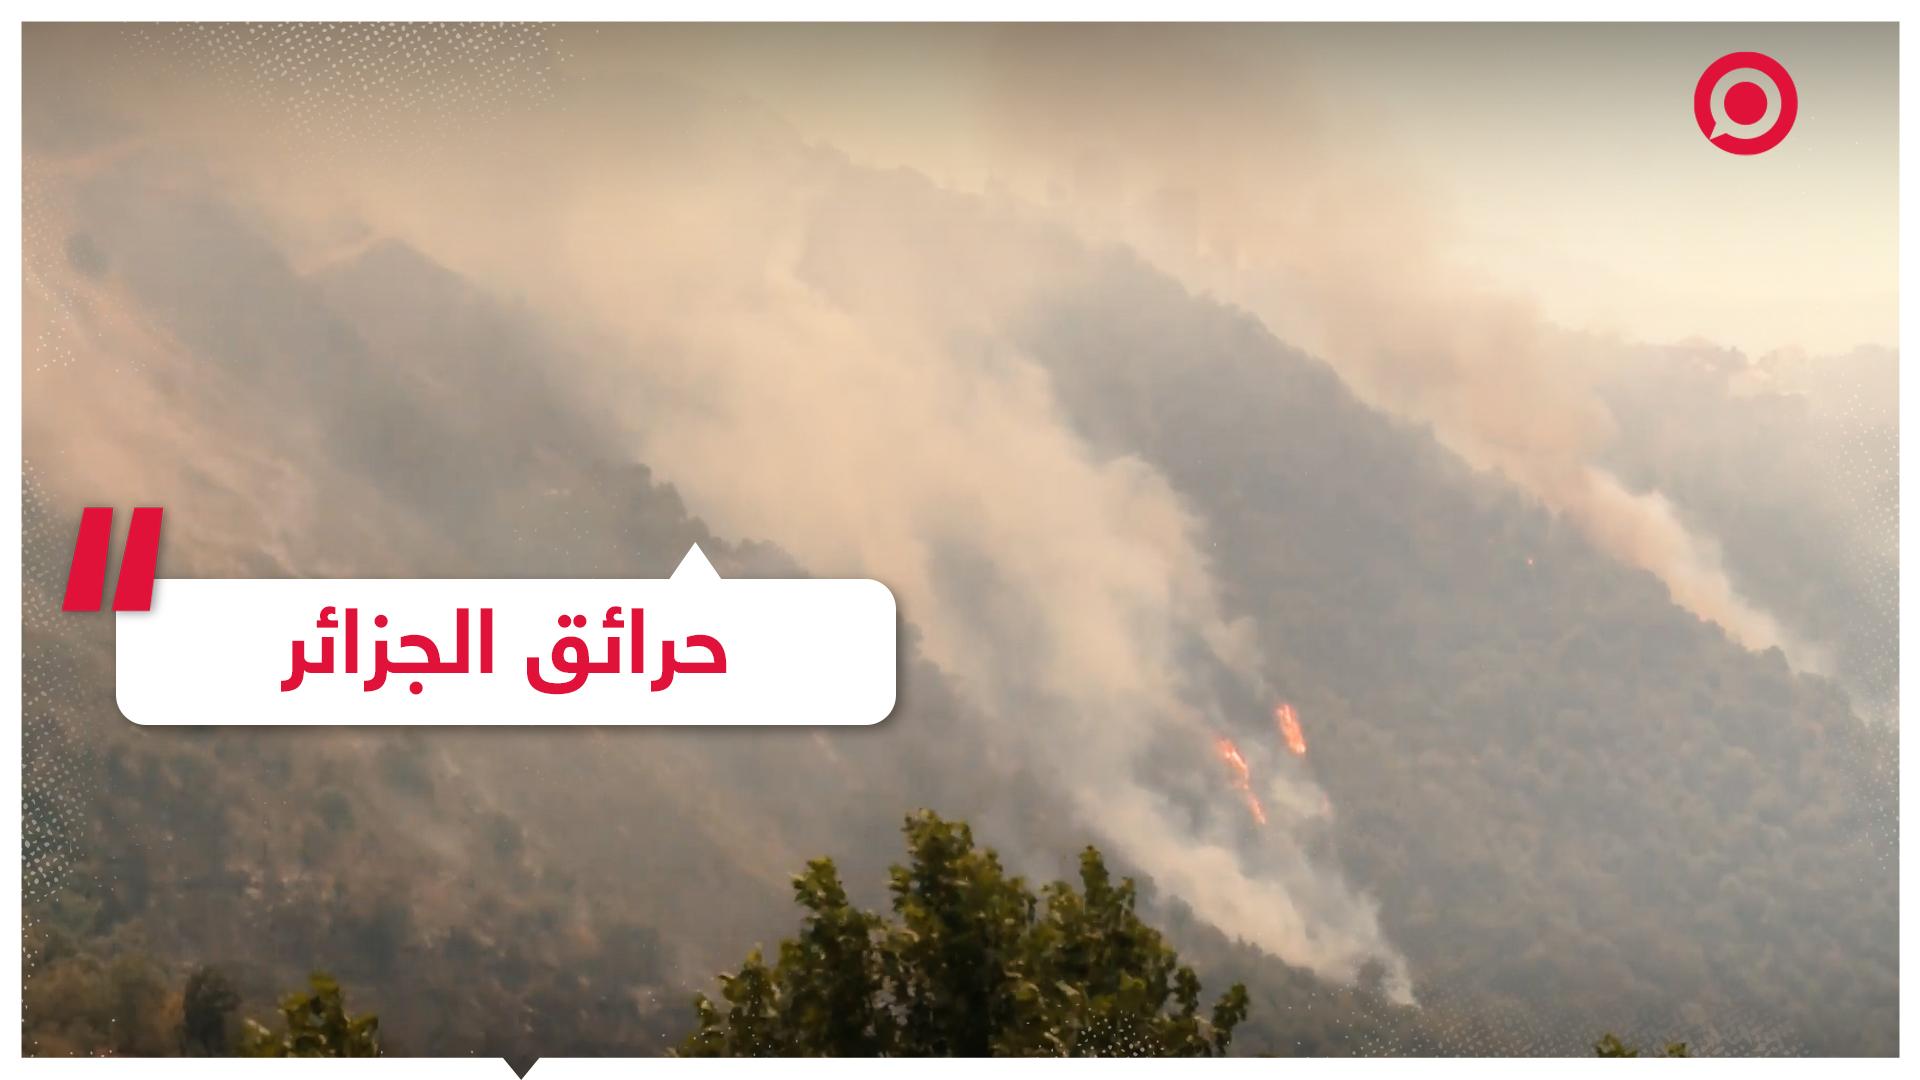 حرائق تجتاح الجزائر قد تكون مفتعلة